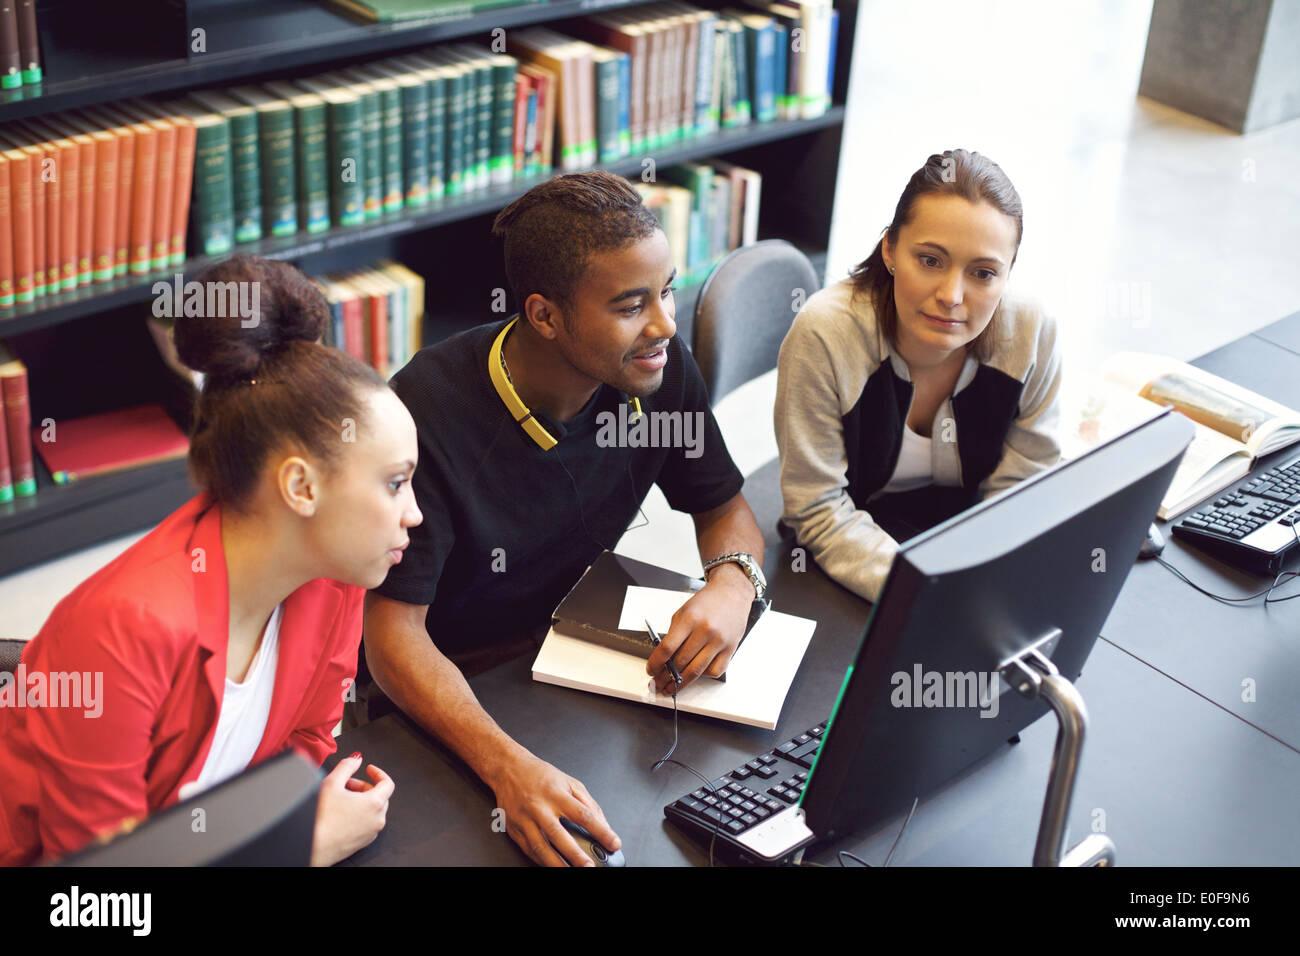 Tre giovani studenti universitari che studiano in libreria utilizzando il computer. I giovani seduti a tavola con i libri di trovare le informazioni Immagini Stock